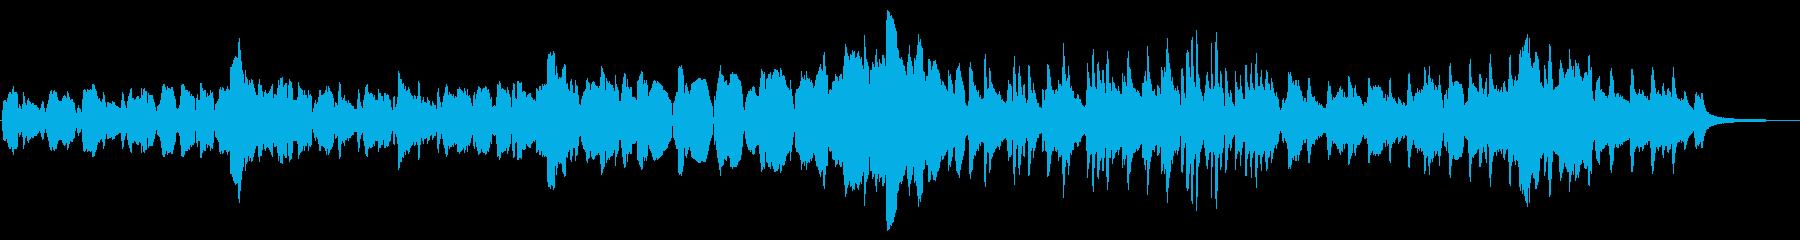 クラリネットでアラフォー応援ソングの再生済みの波形